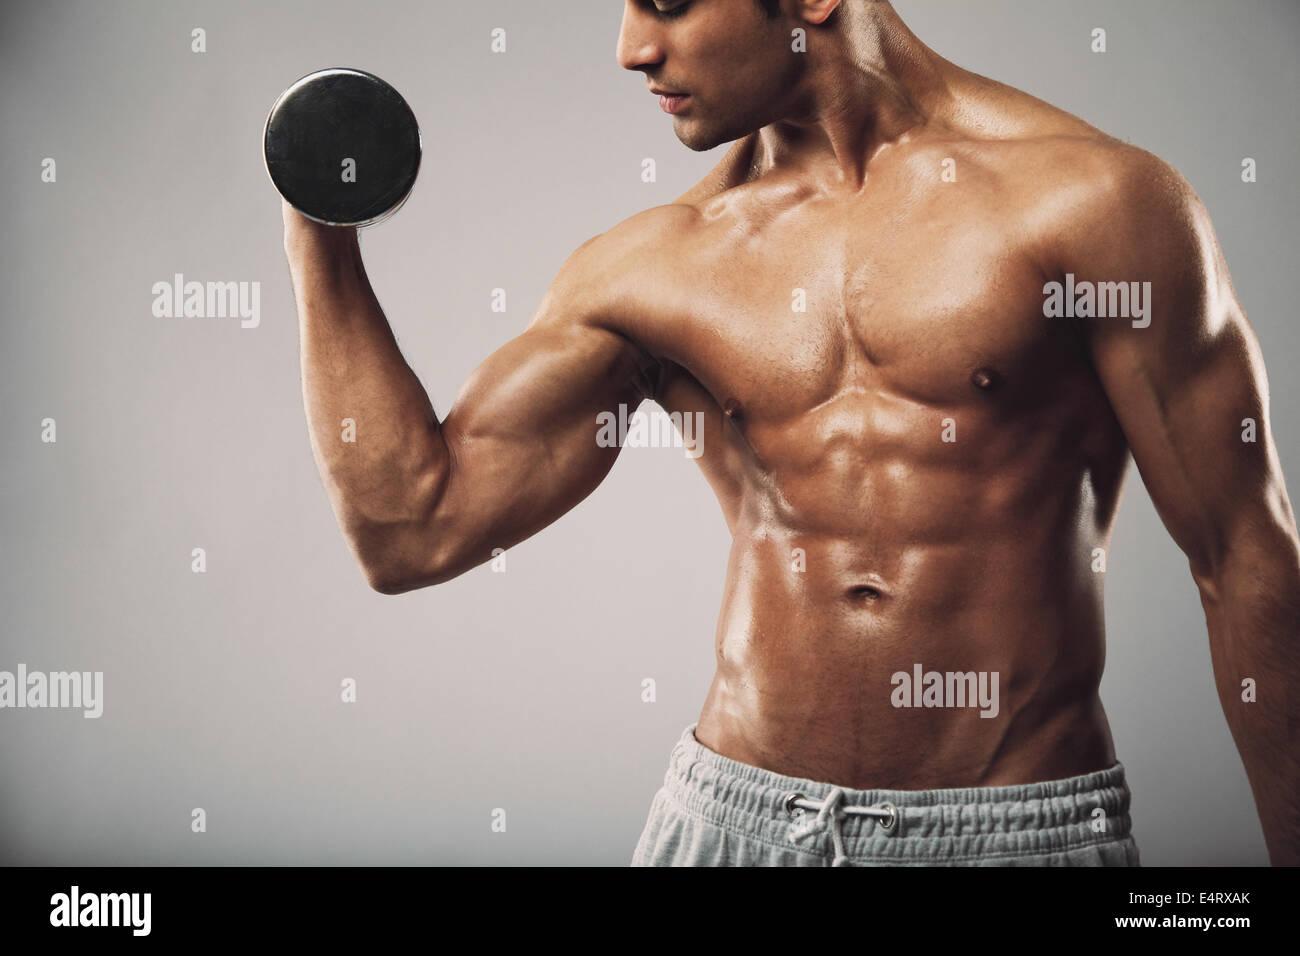 Immagine ritagliata del giovane uomo muscolare facendo pesanti esercizio con manubri per bicipiti. Uomo che lavora Immagini Stock